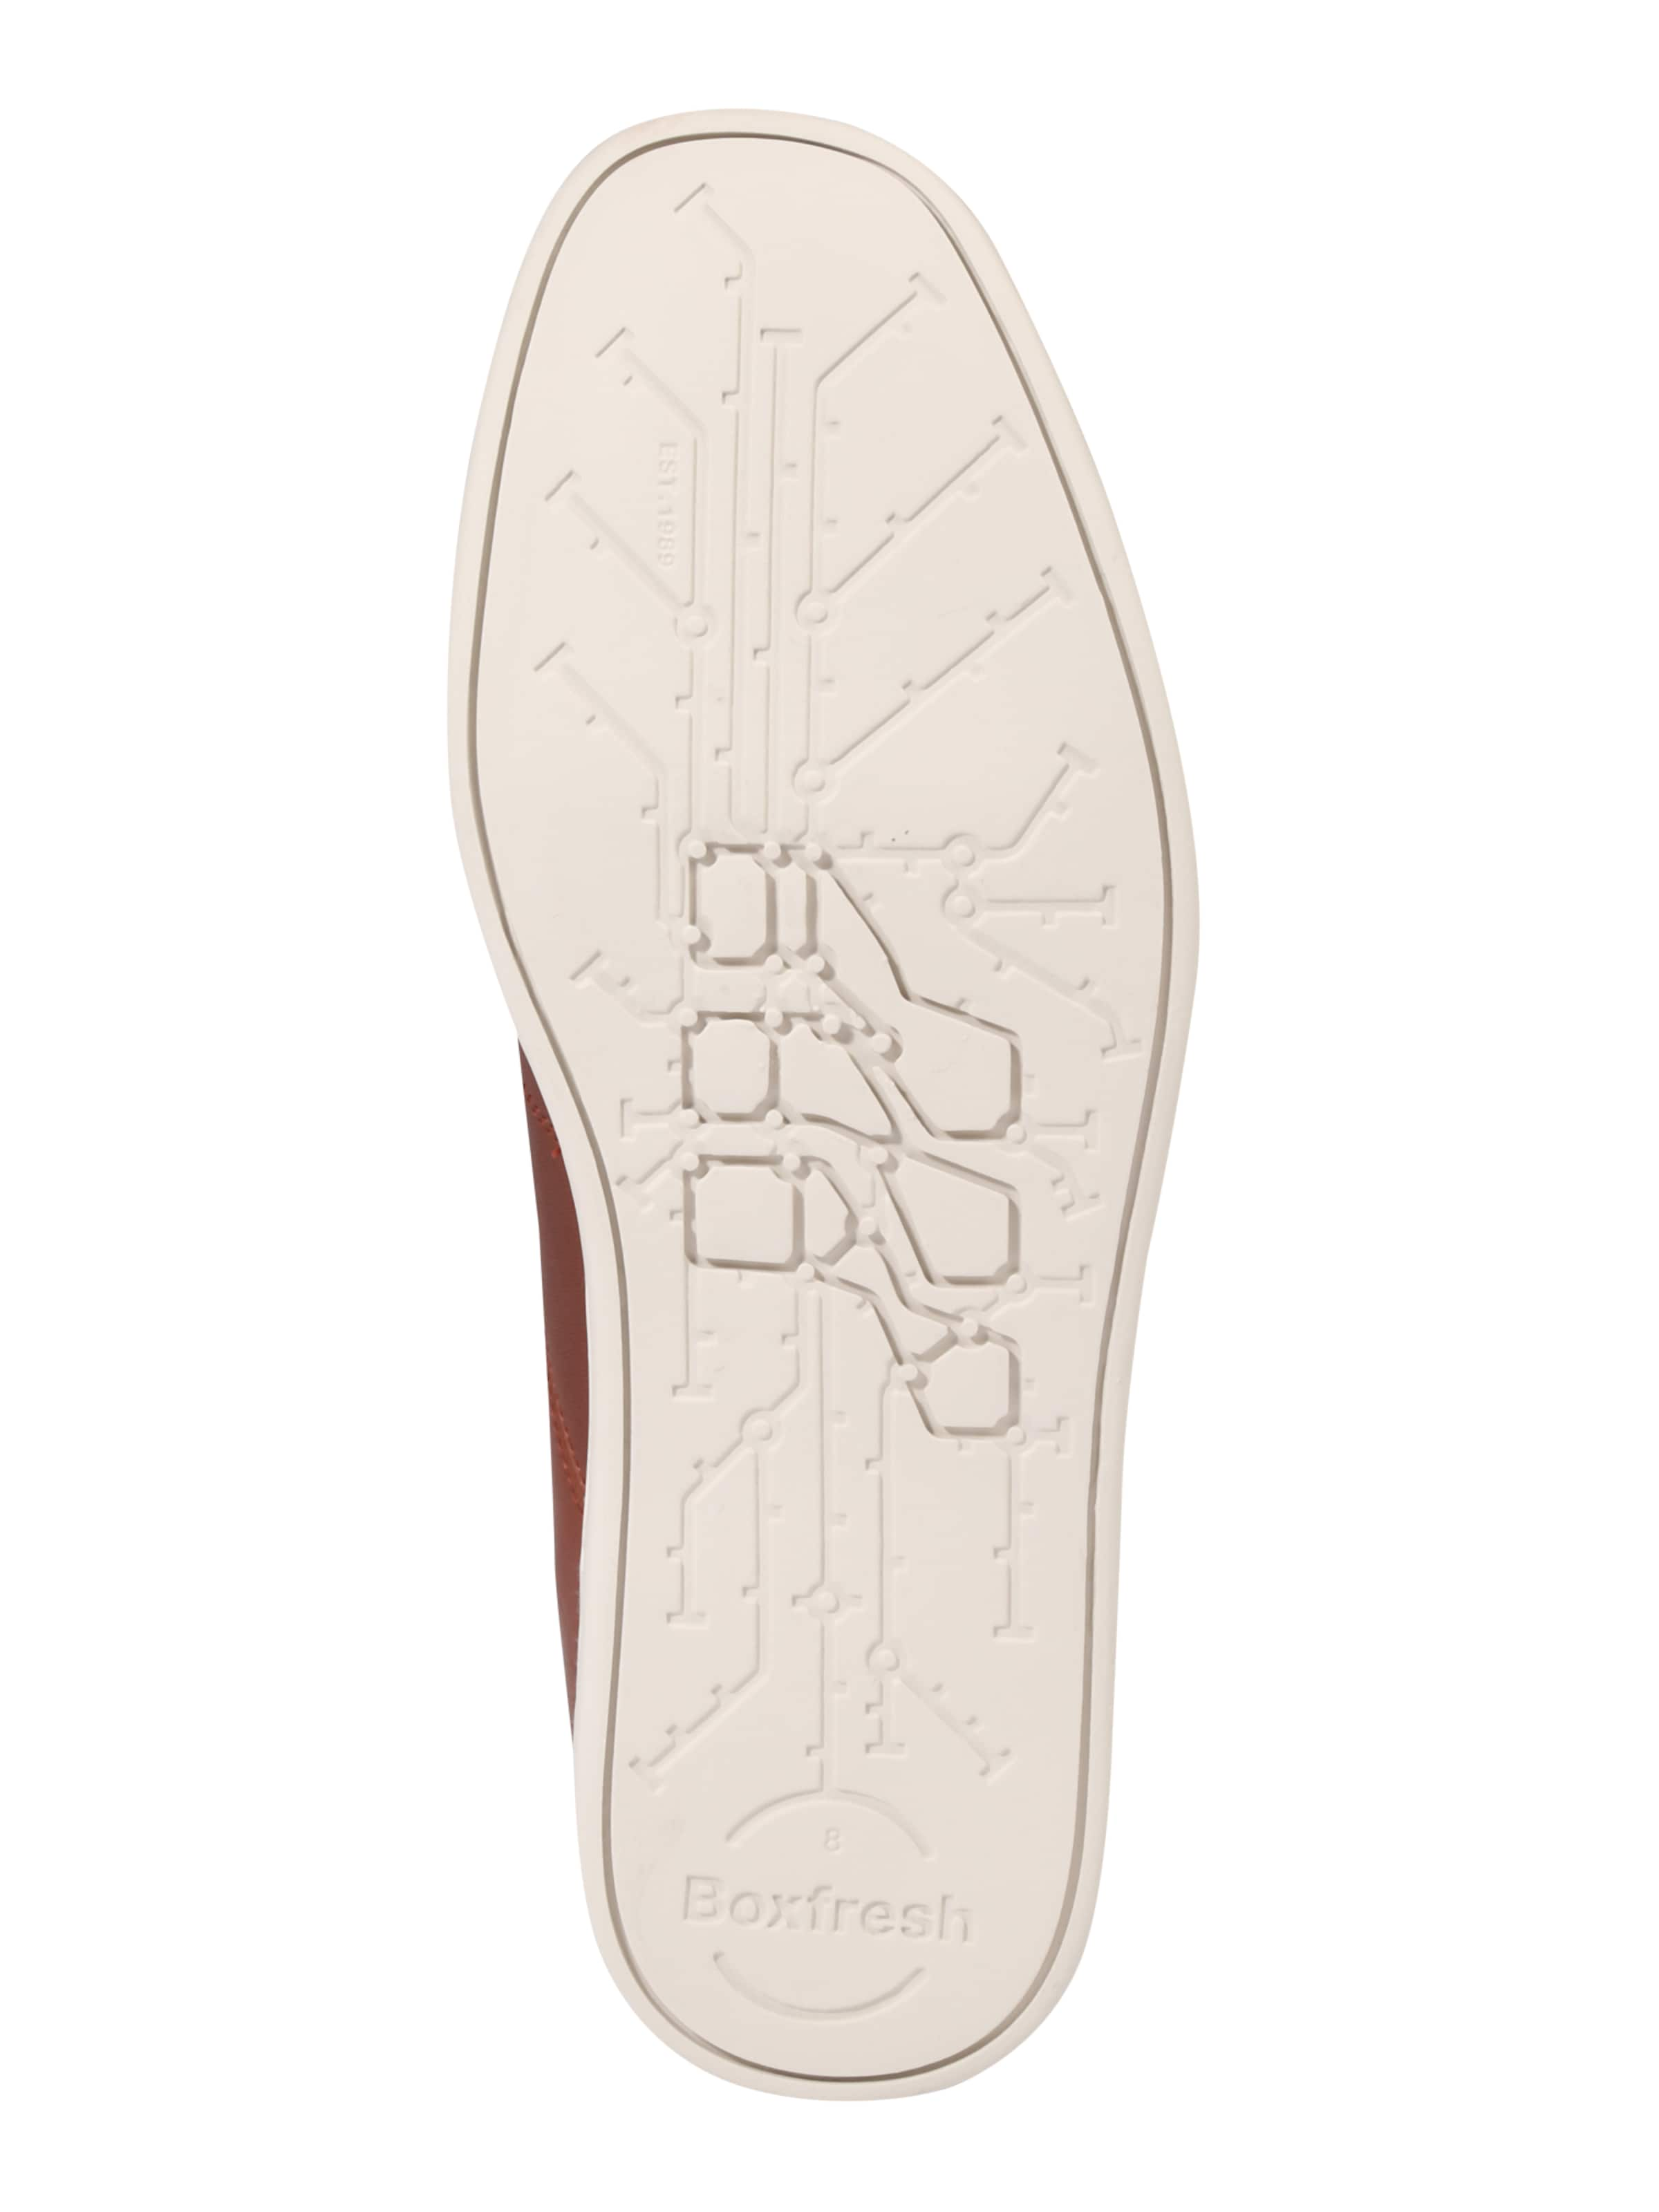 BOXFRESH LederTurnschuhe 'SPARKO LEA Leder Leder Leder Bequem, gut aussehend 655c64